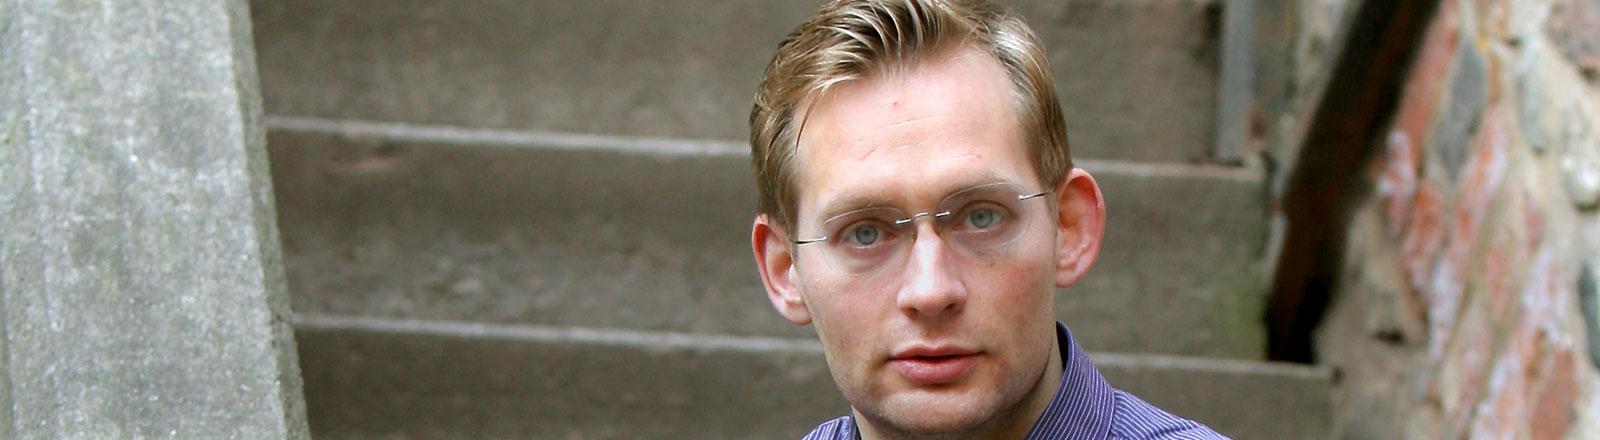 Der Leipziger Autor Clemens Meyer in einem Porträtfoto.